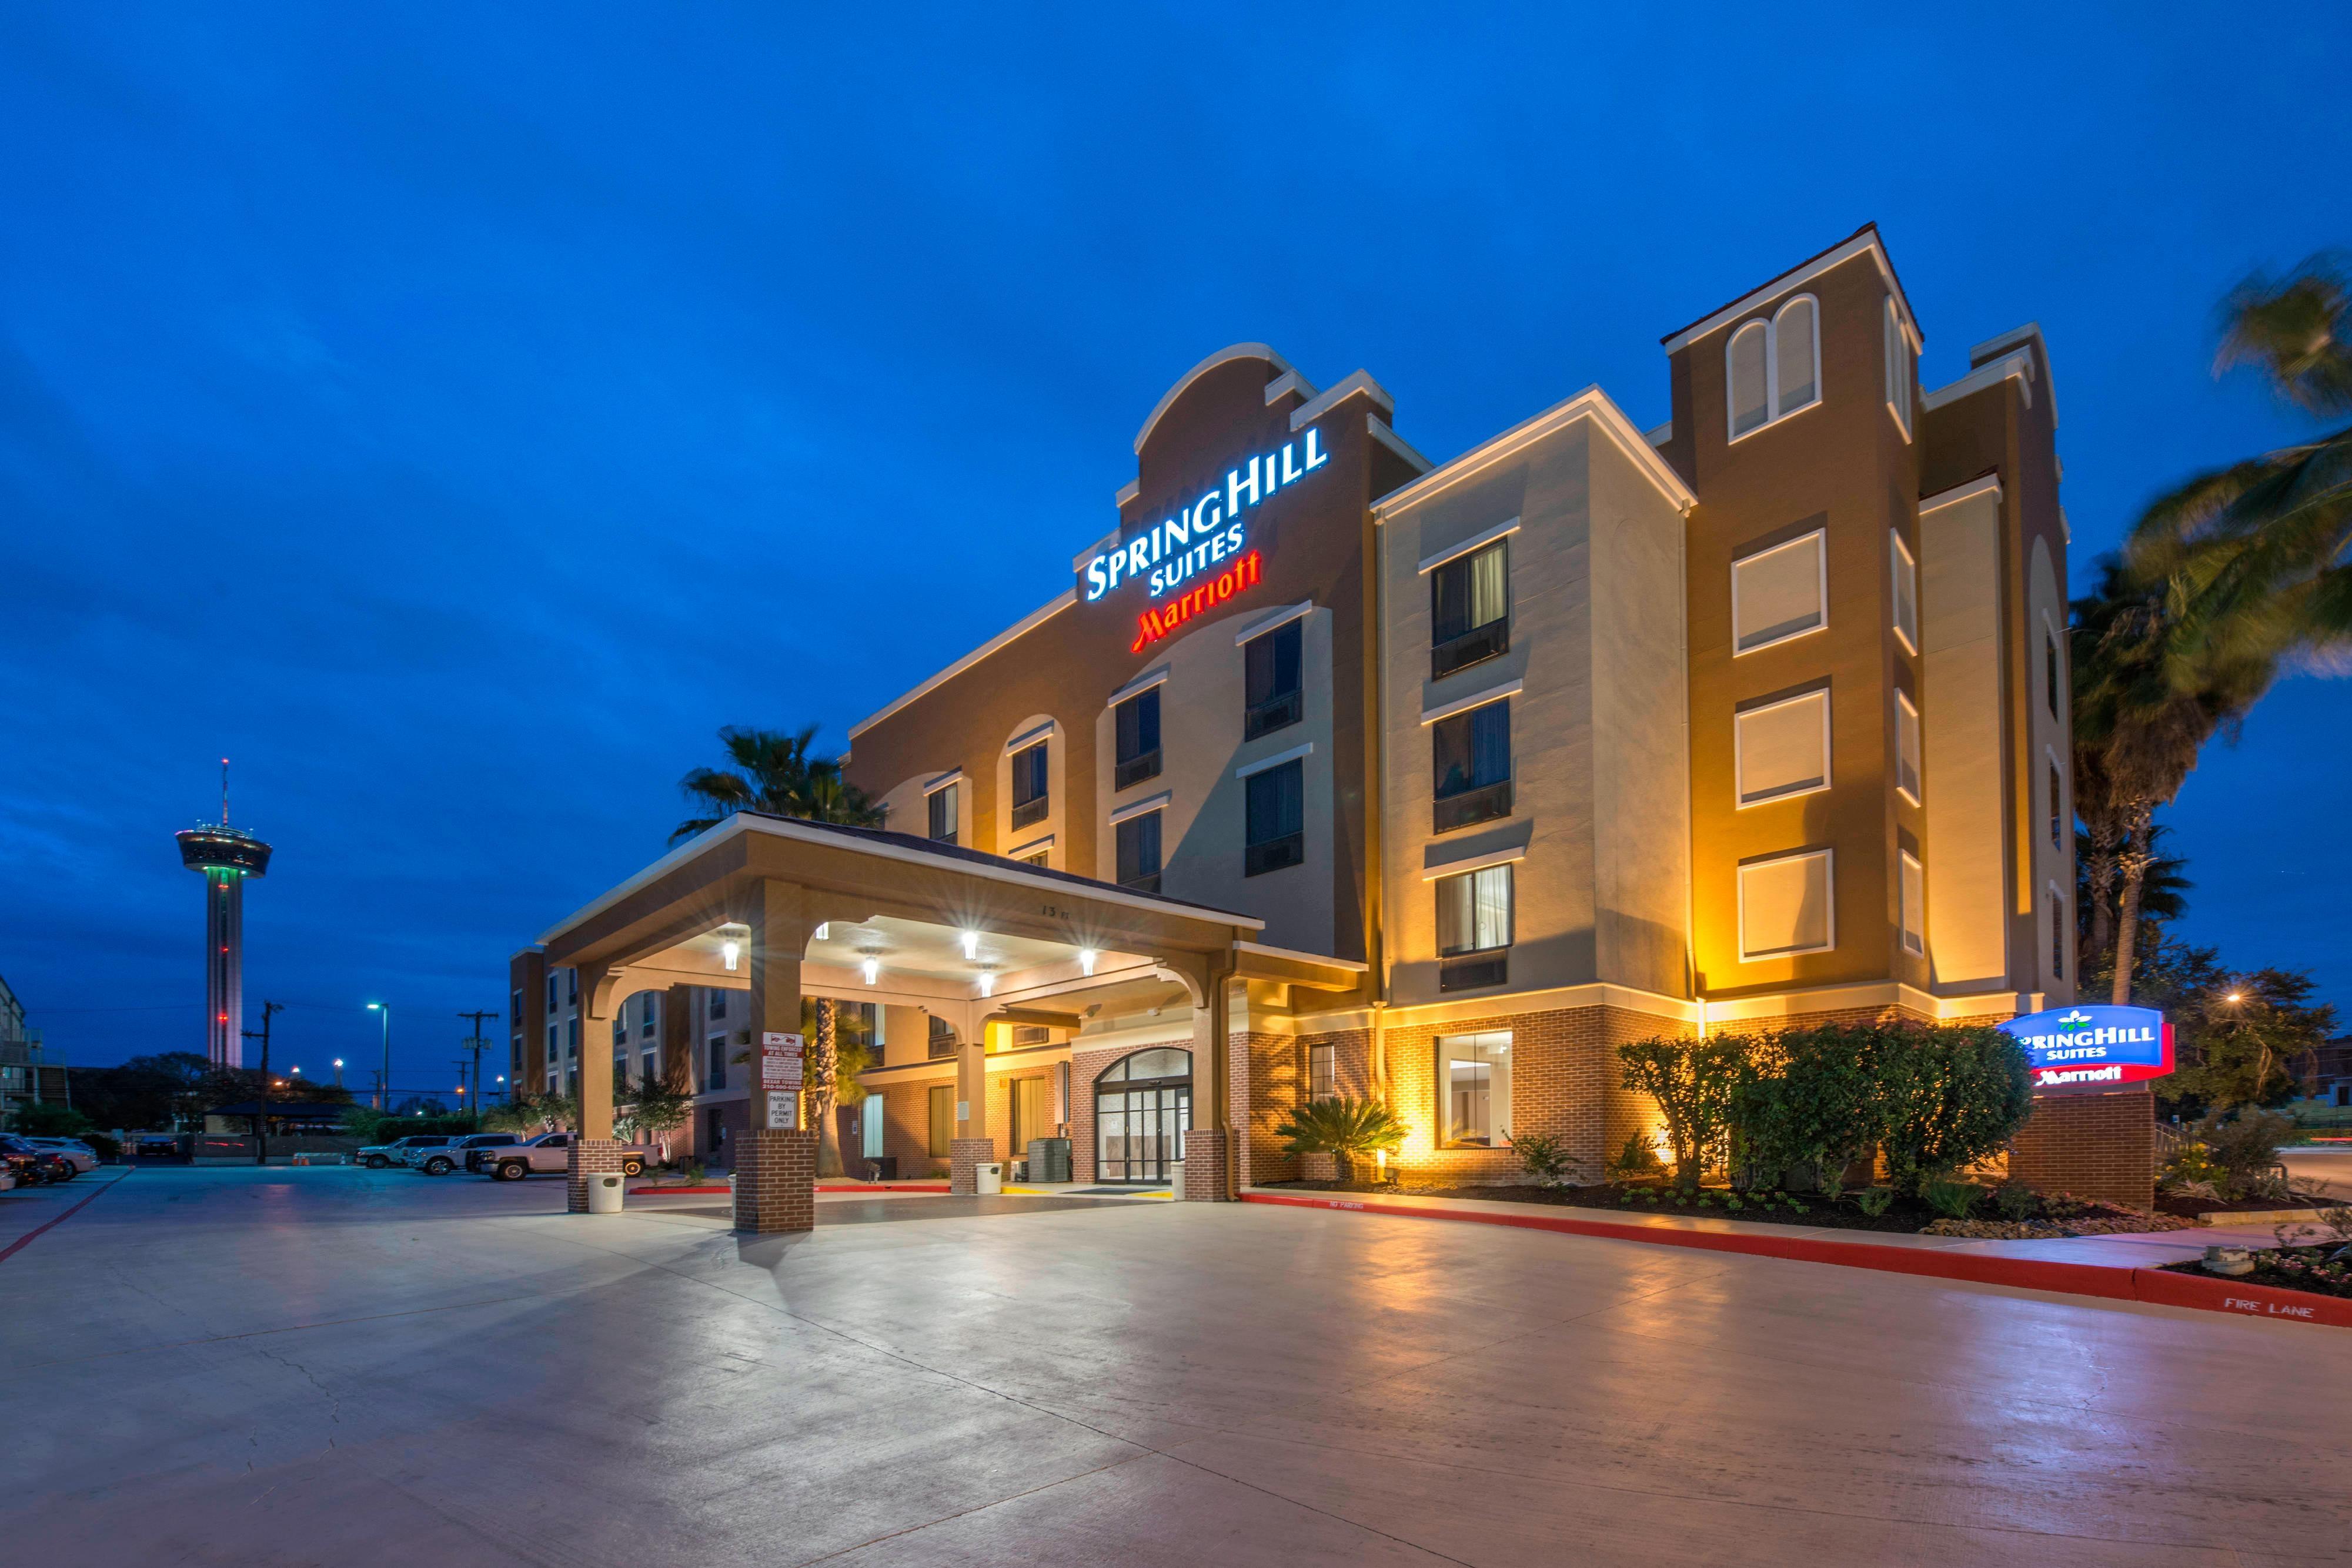 SpringHill Suites Marriott San Antonio